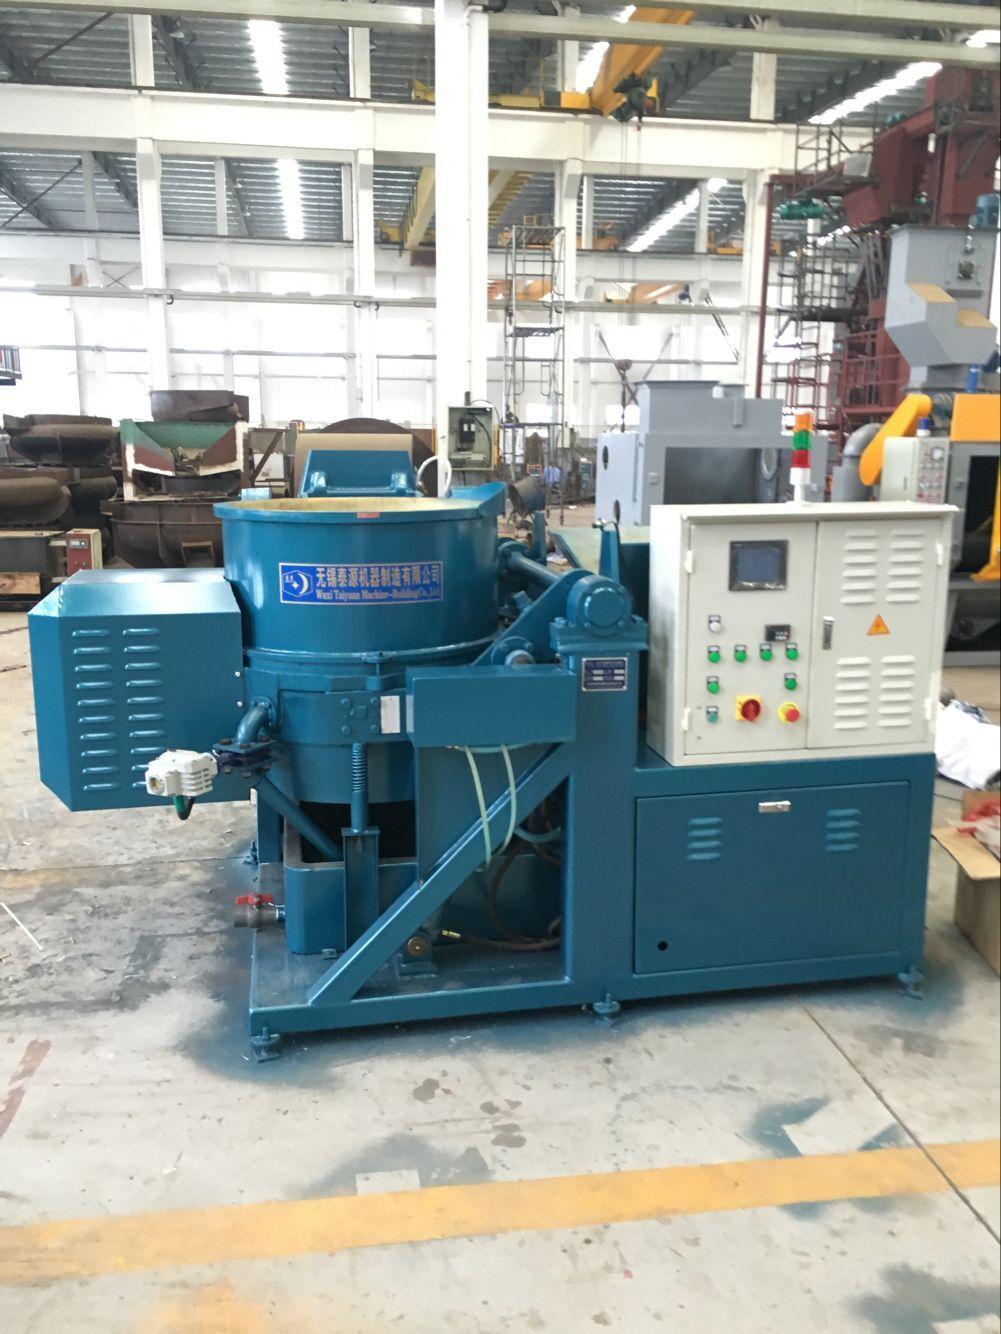 WLM250水涡流研磨机 水涡流研磨机价格,冠亚体育研磨机价格